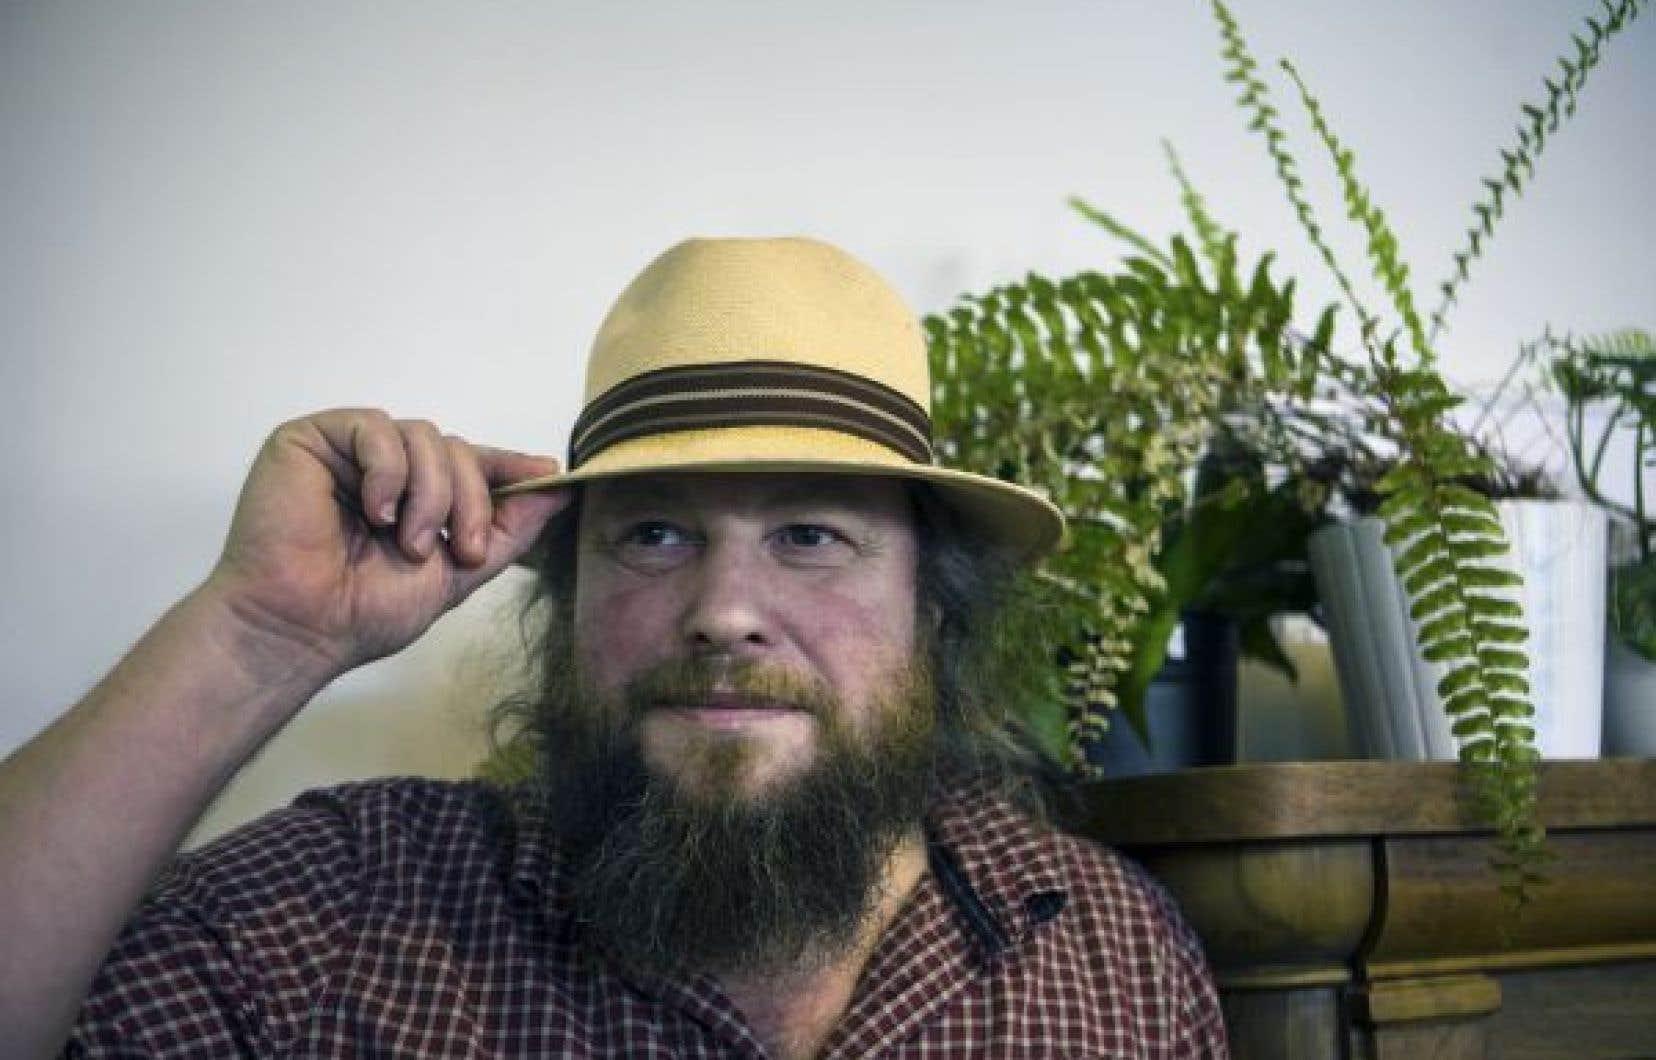 En entrevue,  Pardo se qualifie de libertaire et, avec son chapeau et sa barbe, au milieu de laquelle trône une longue pipe, il a tout à fait l'allure de l'emploi.